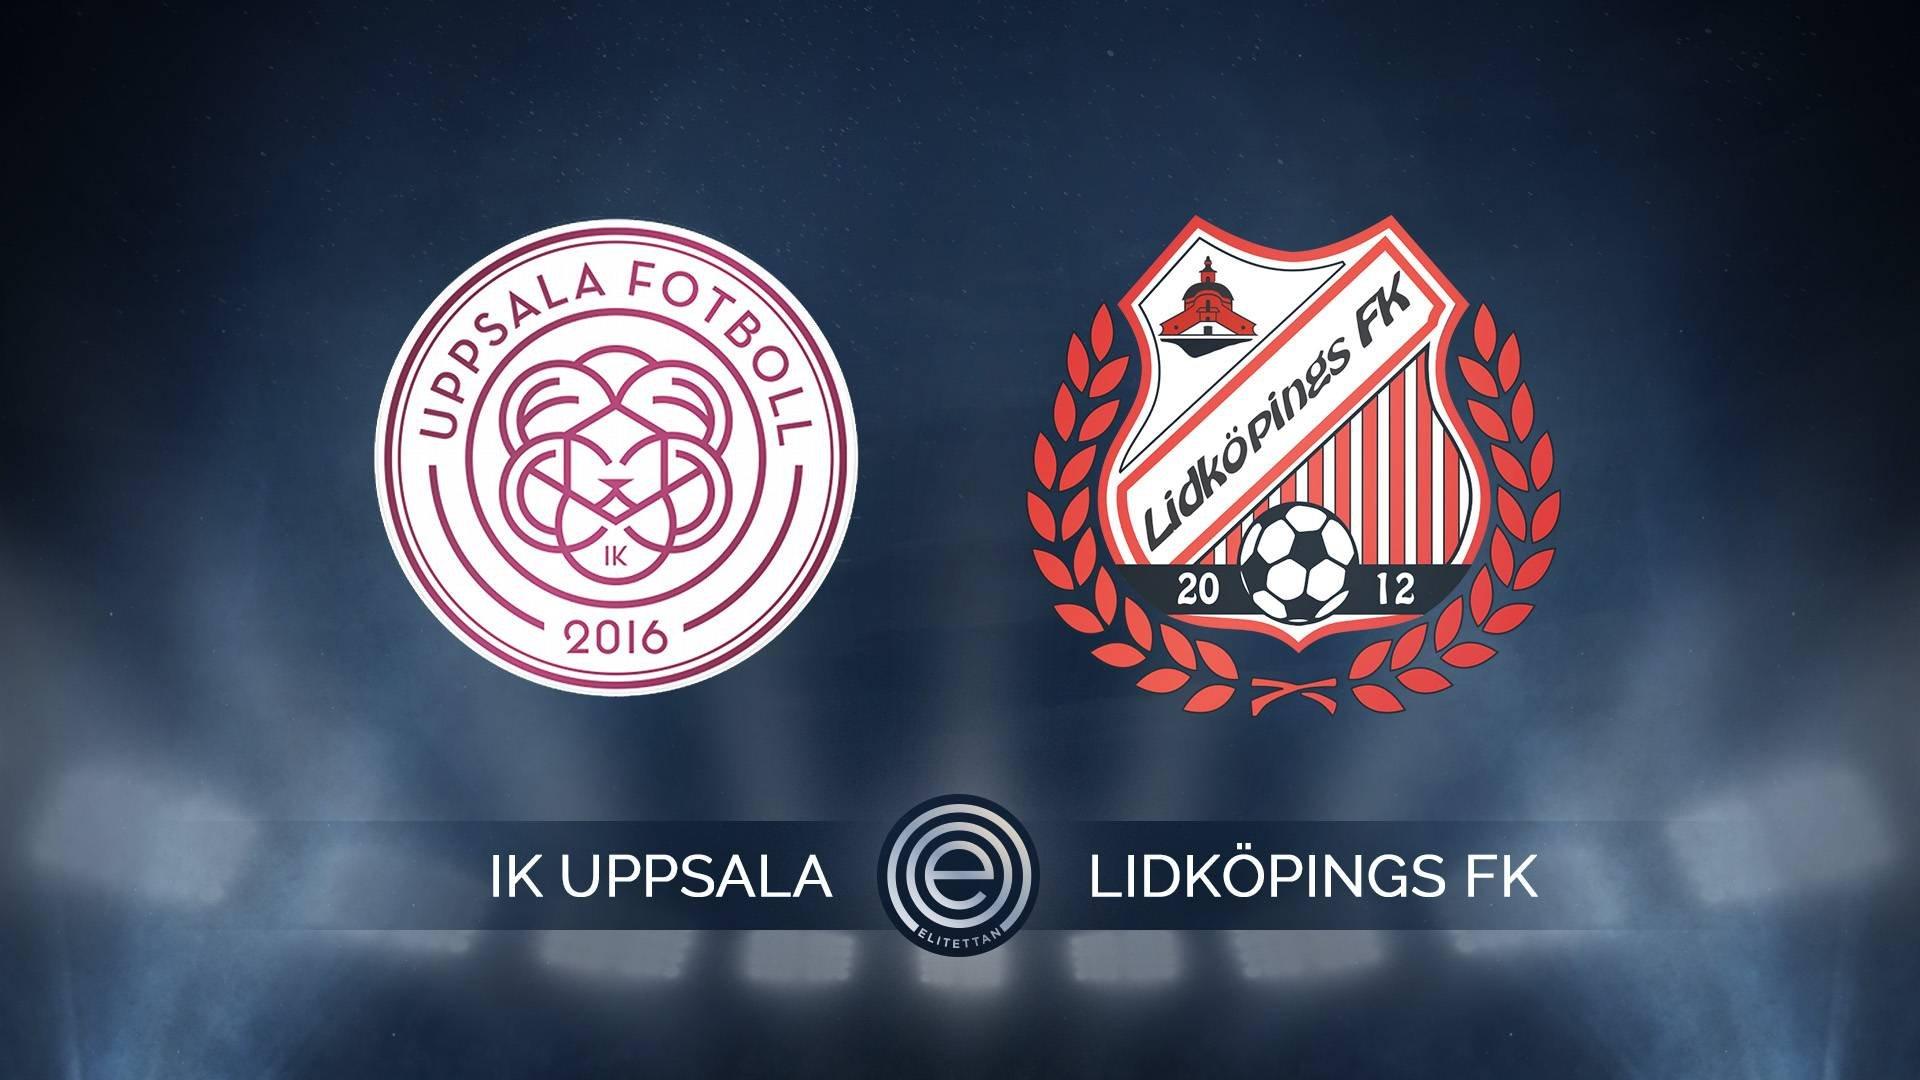 Highlights: IK Uppsala-Lidköpings FK